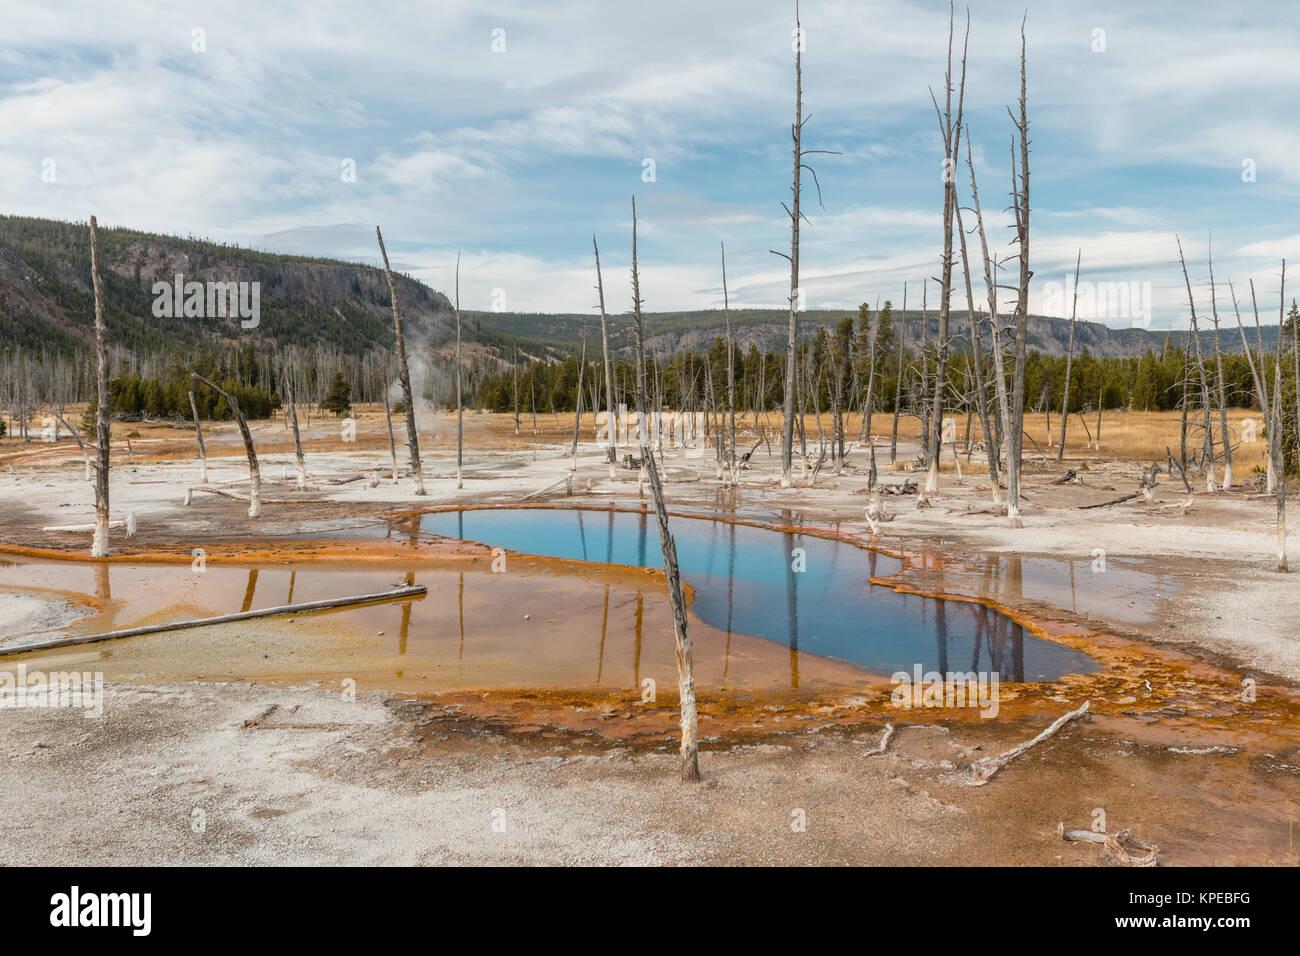 Opalescentes Piscina en el Parque Nacional Yellowstone, Wyoming. Foto de stock